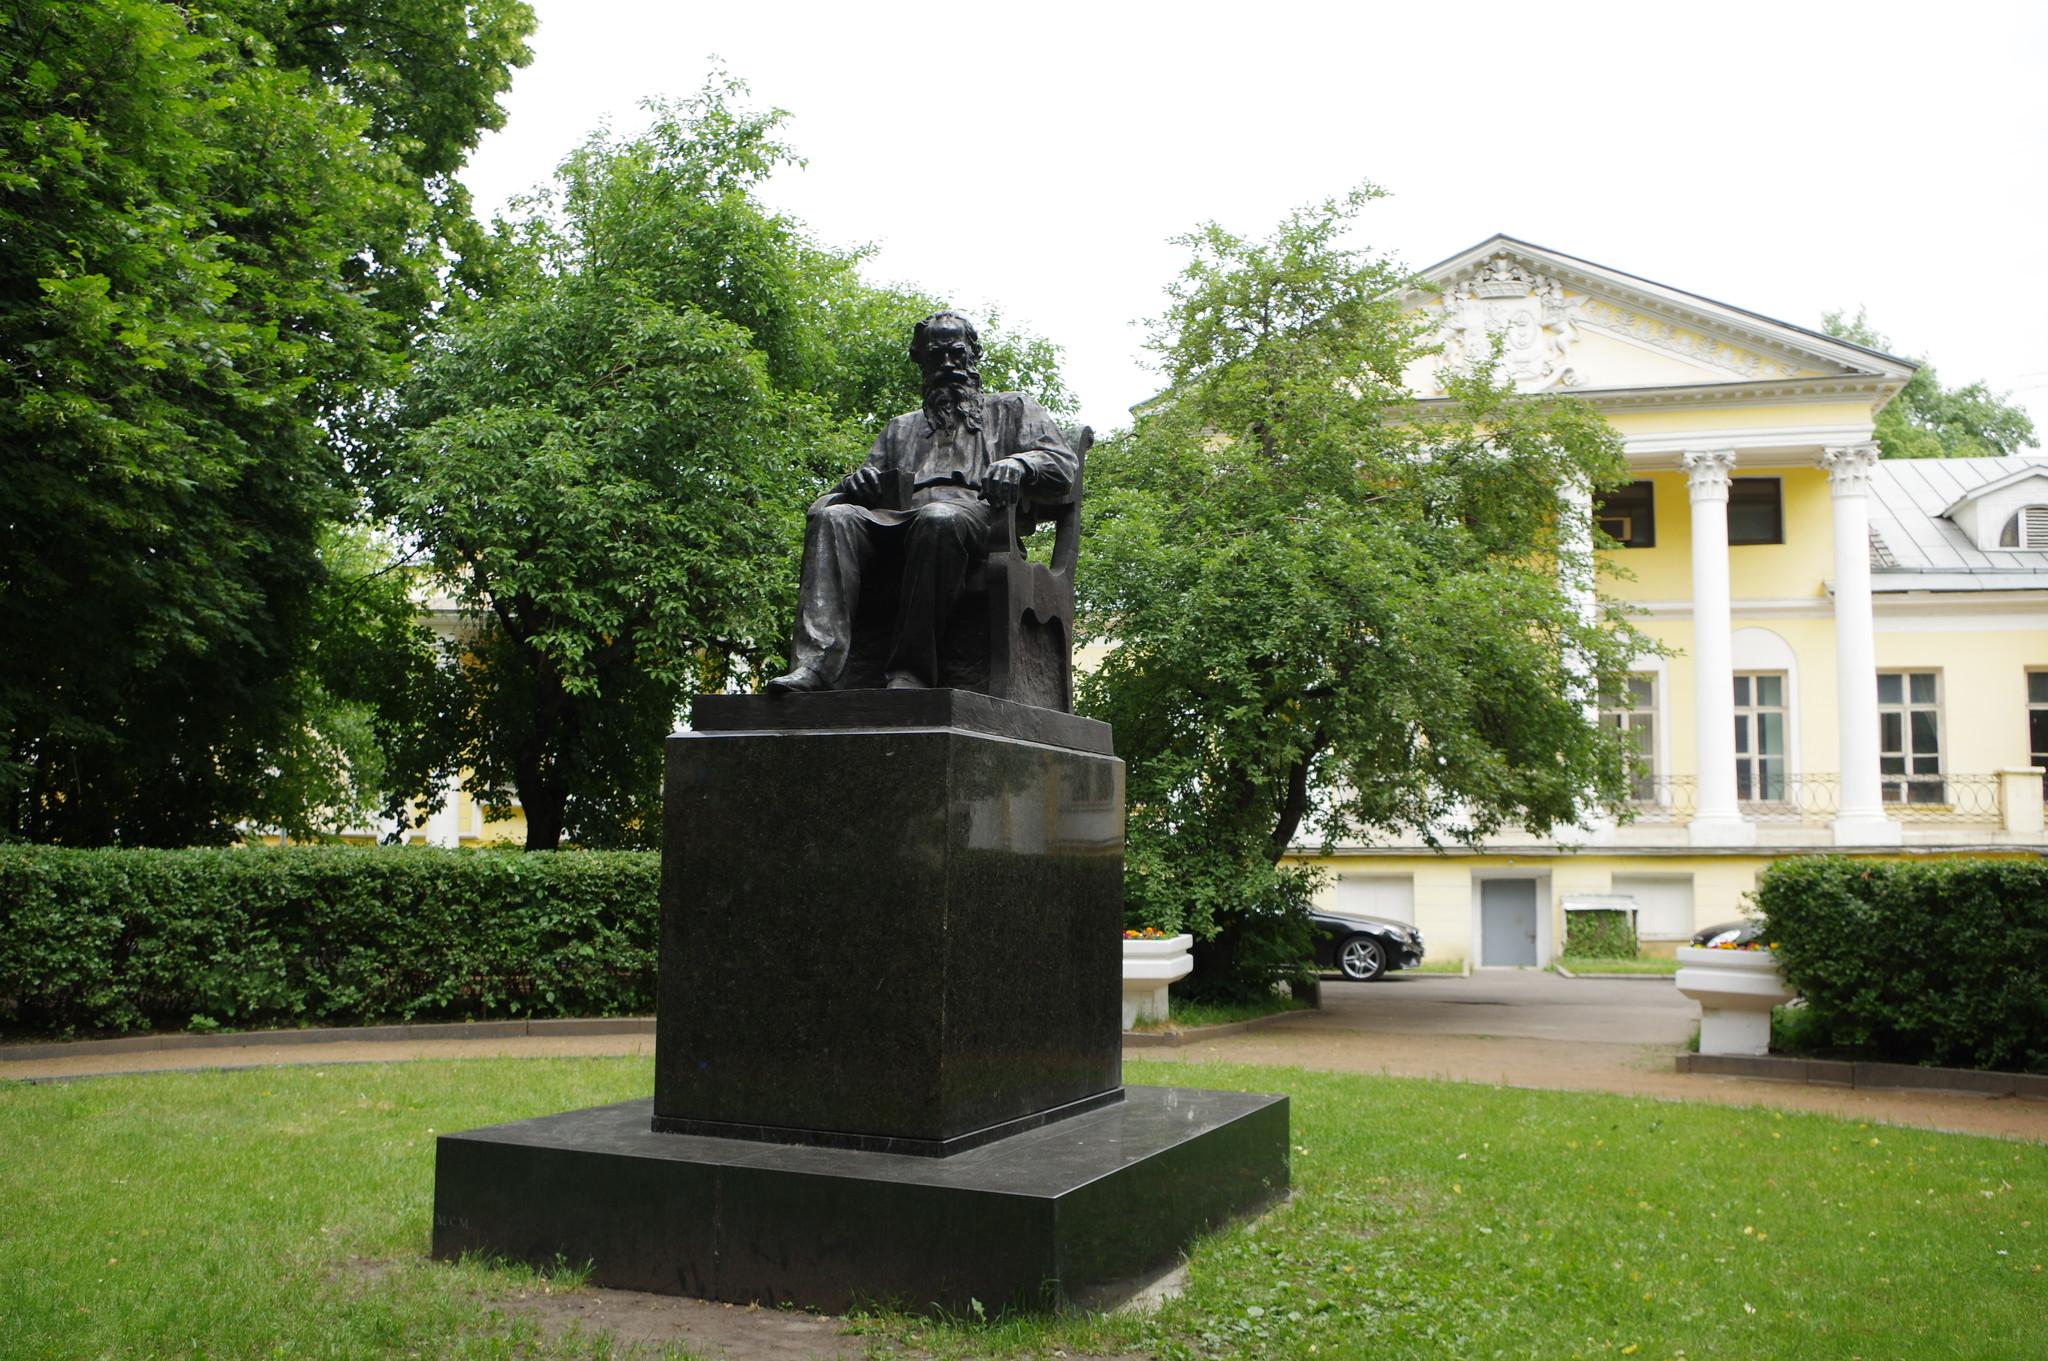 Памятник Льву Николаевичу Толстому скульптора Г.Н. Новокрещёновой в Москве